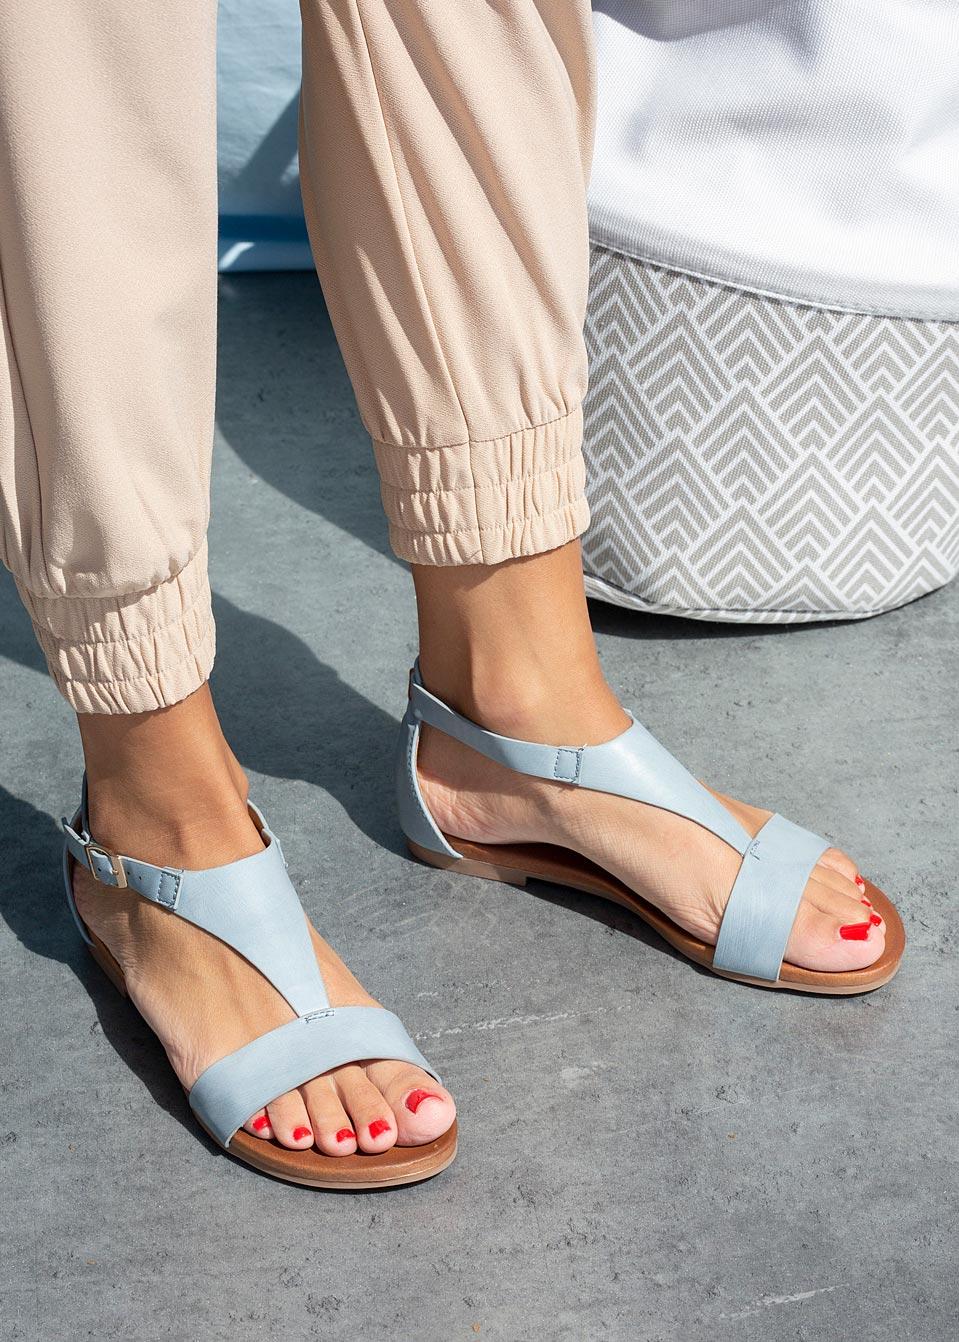 Niebieskie sandały płaskie z zakrytą piętą Casu K20X4/BL model K20X4/BL